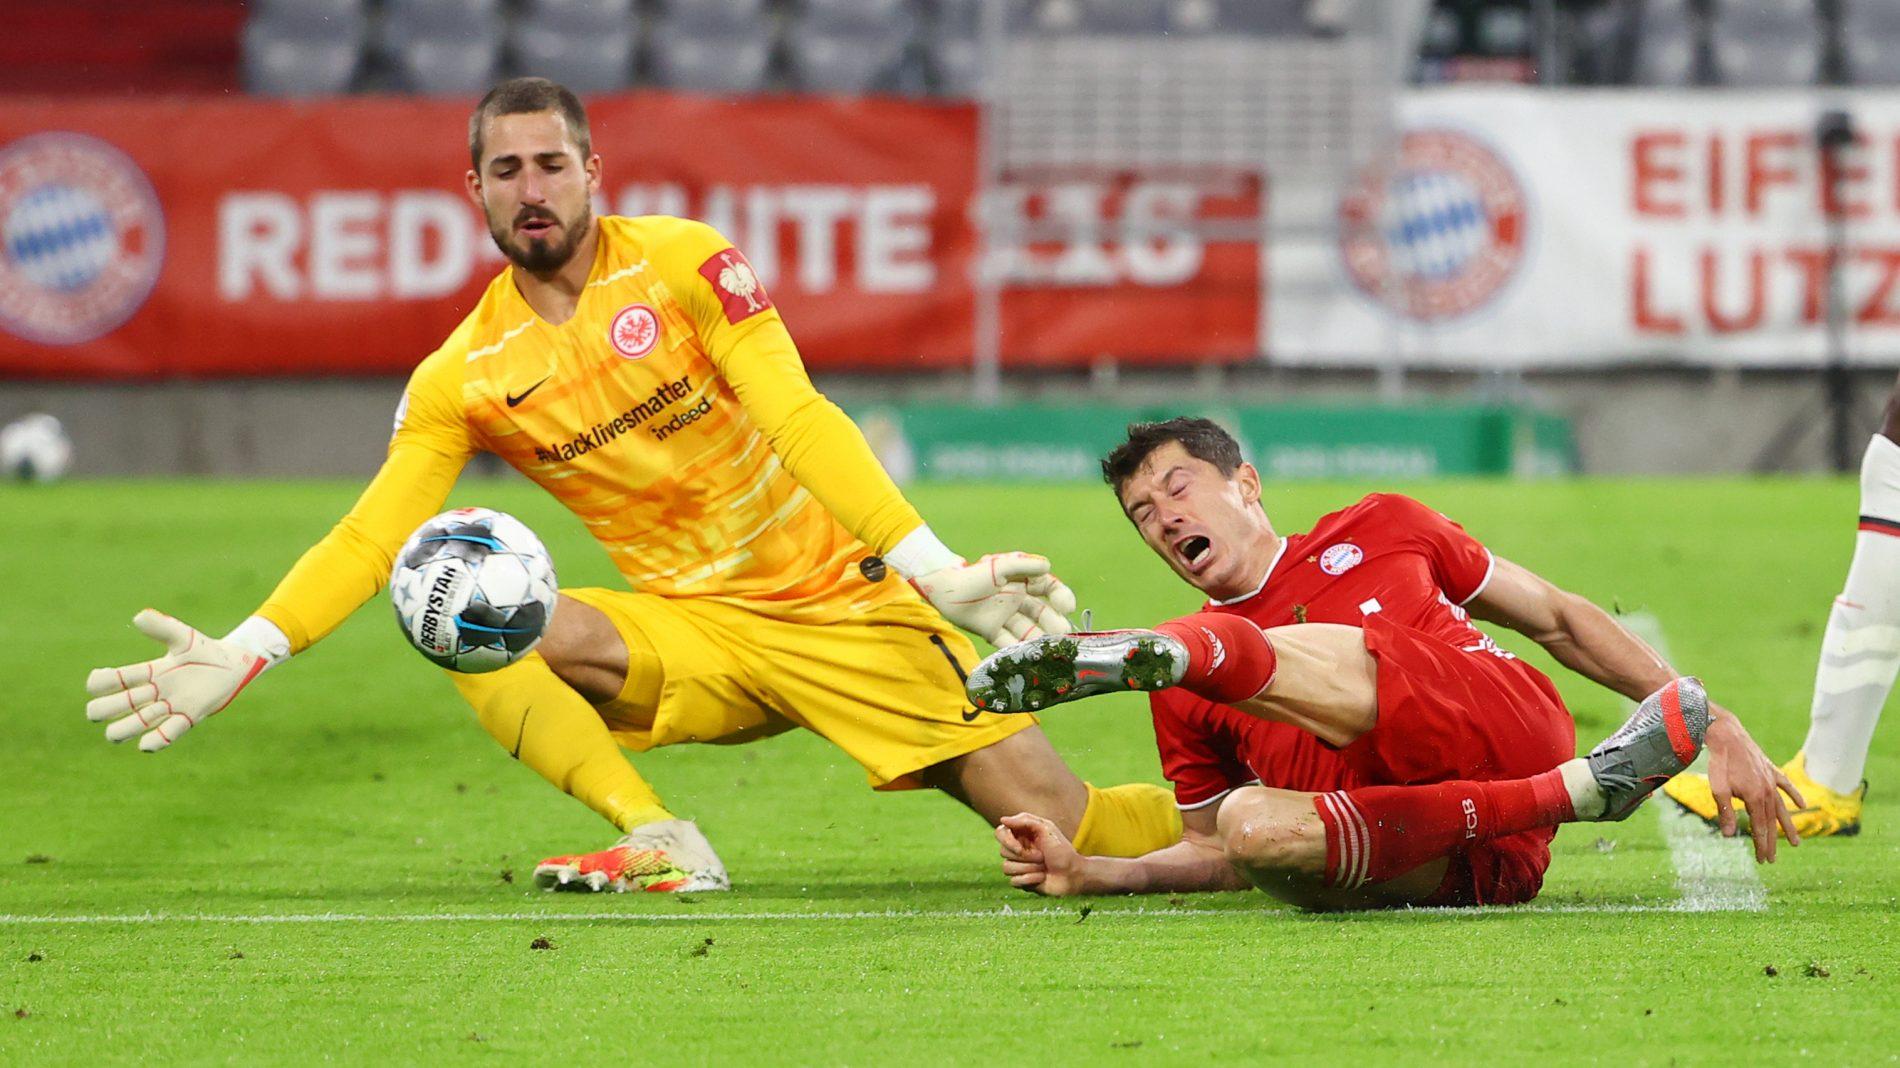 特拉普:上赛季5-1拜仁,这赛季相信依然能够拿分